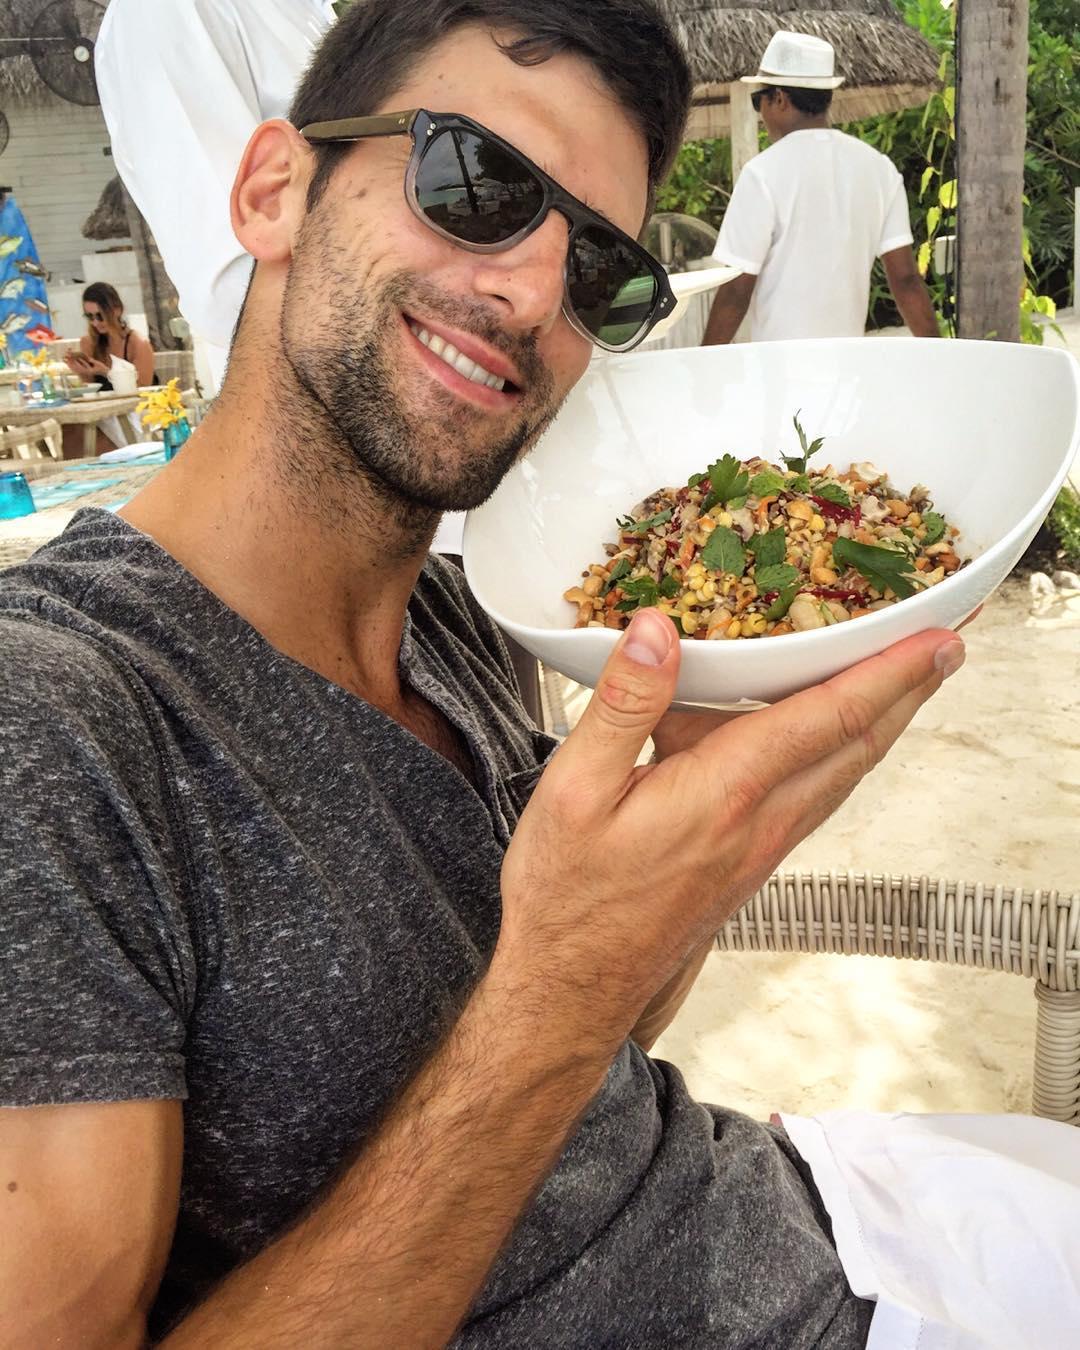 Novak Djokovics diet